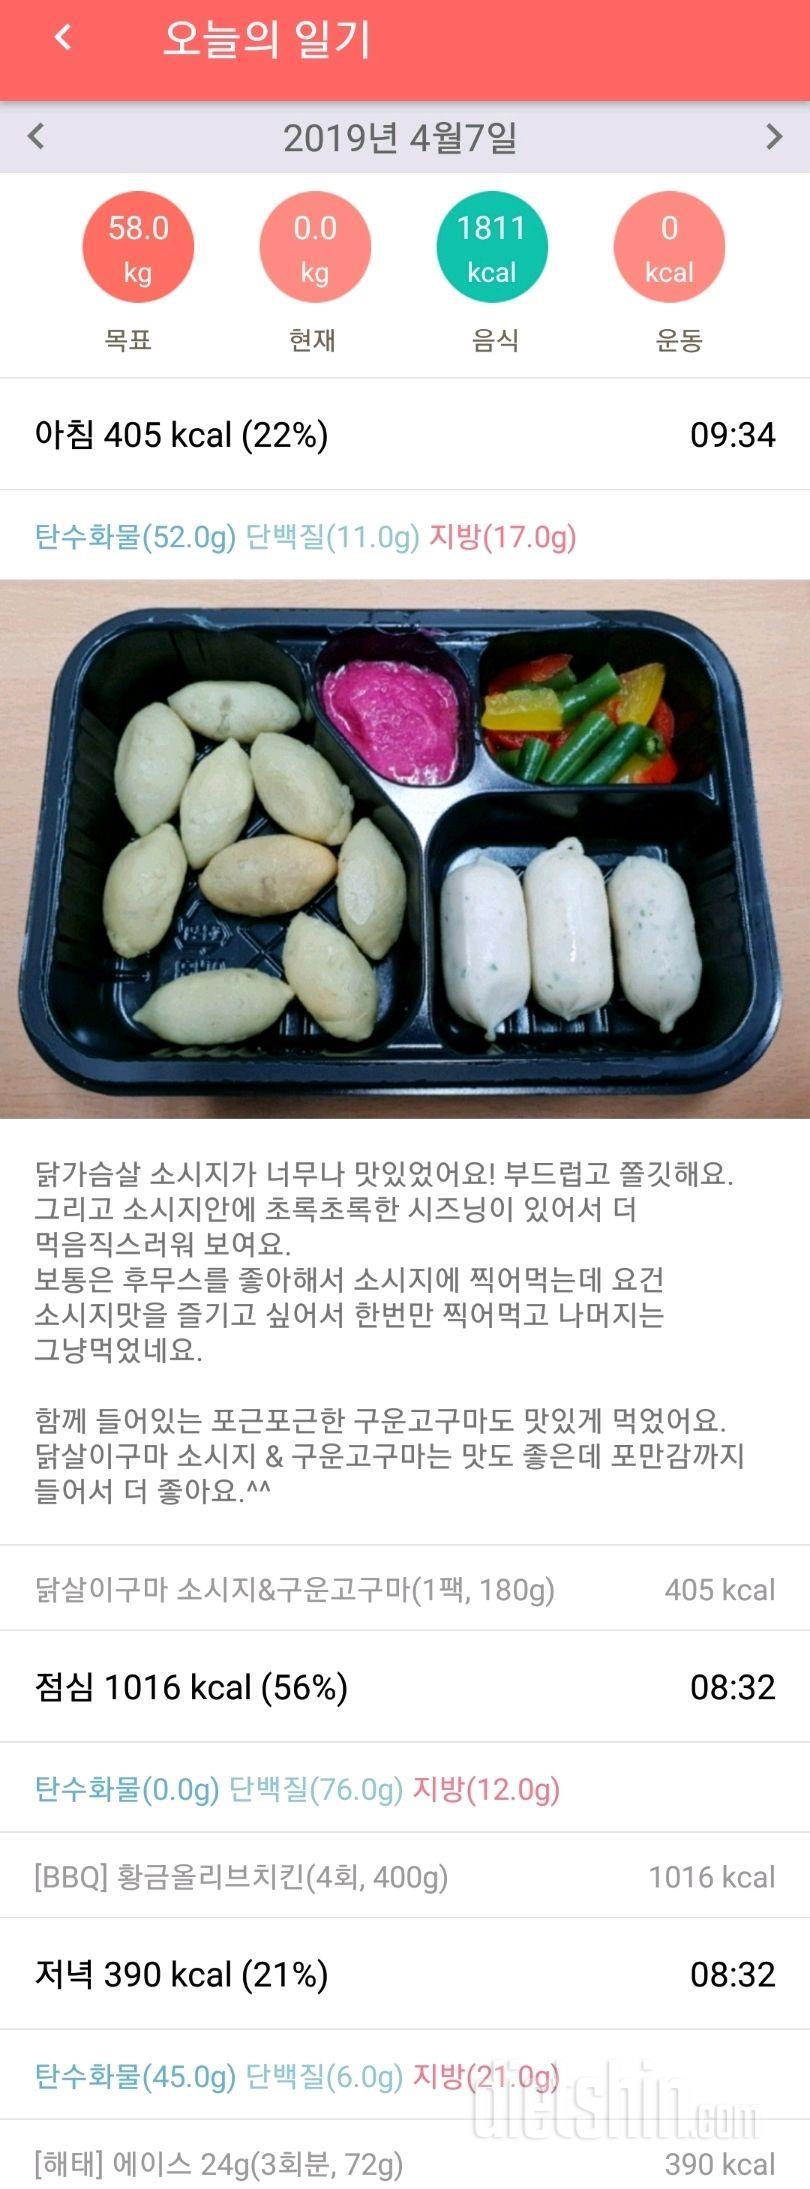 [도시락챌린지] 4일차 식단인증